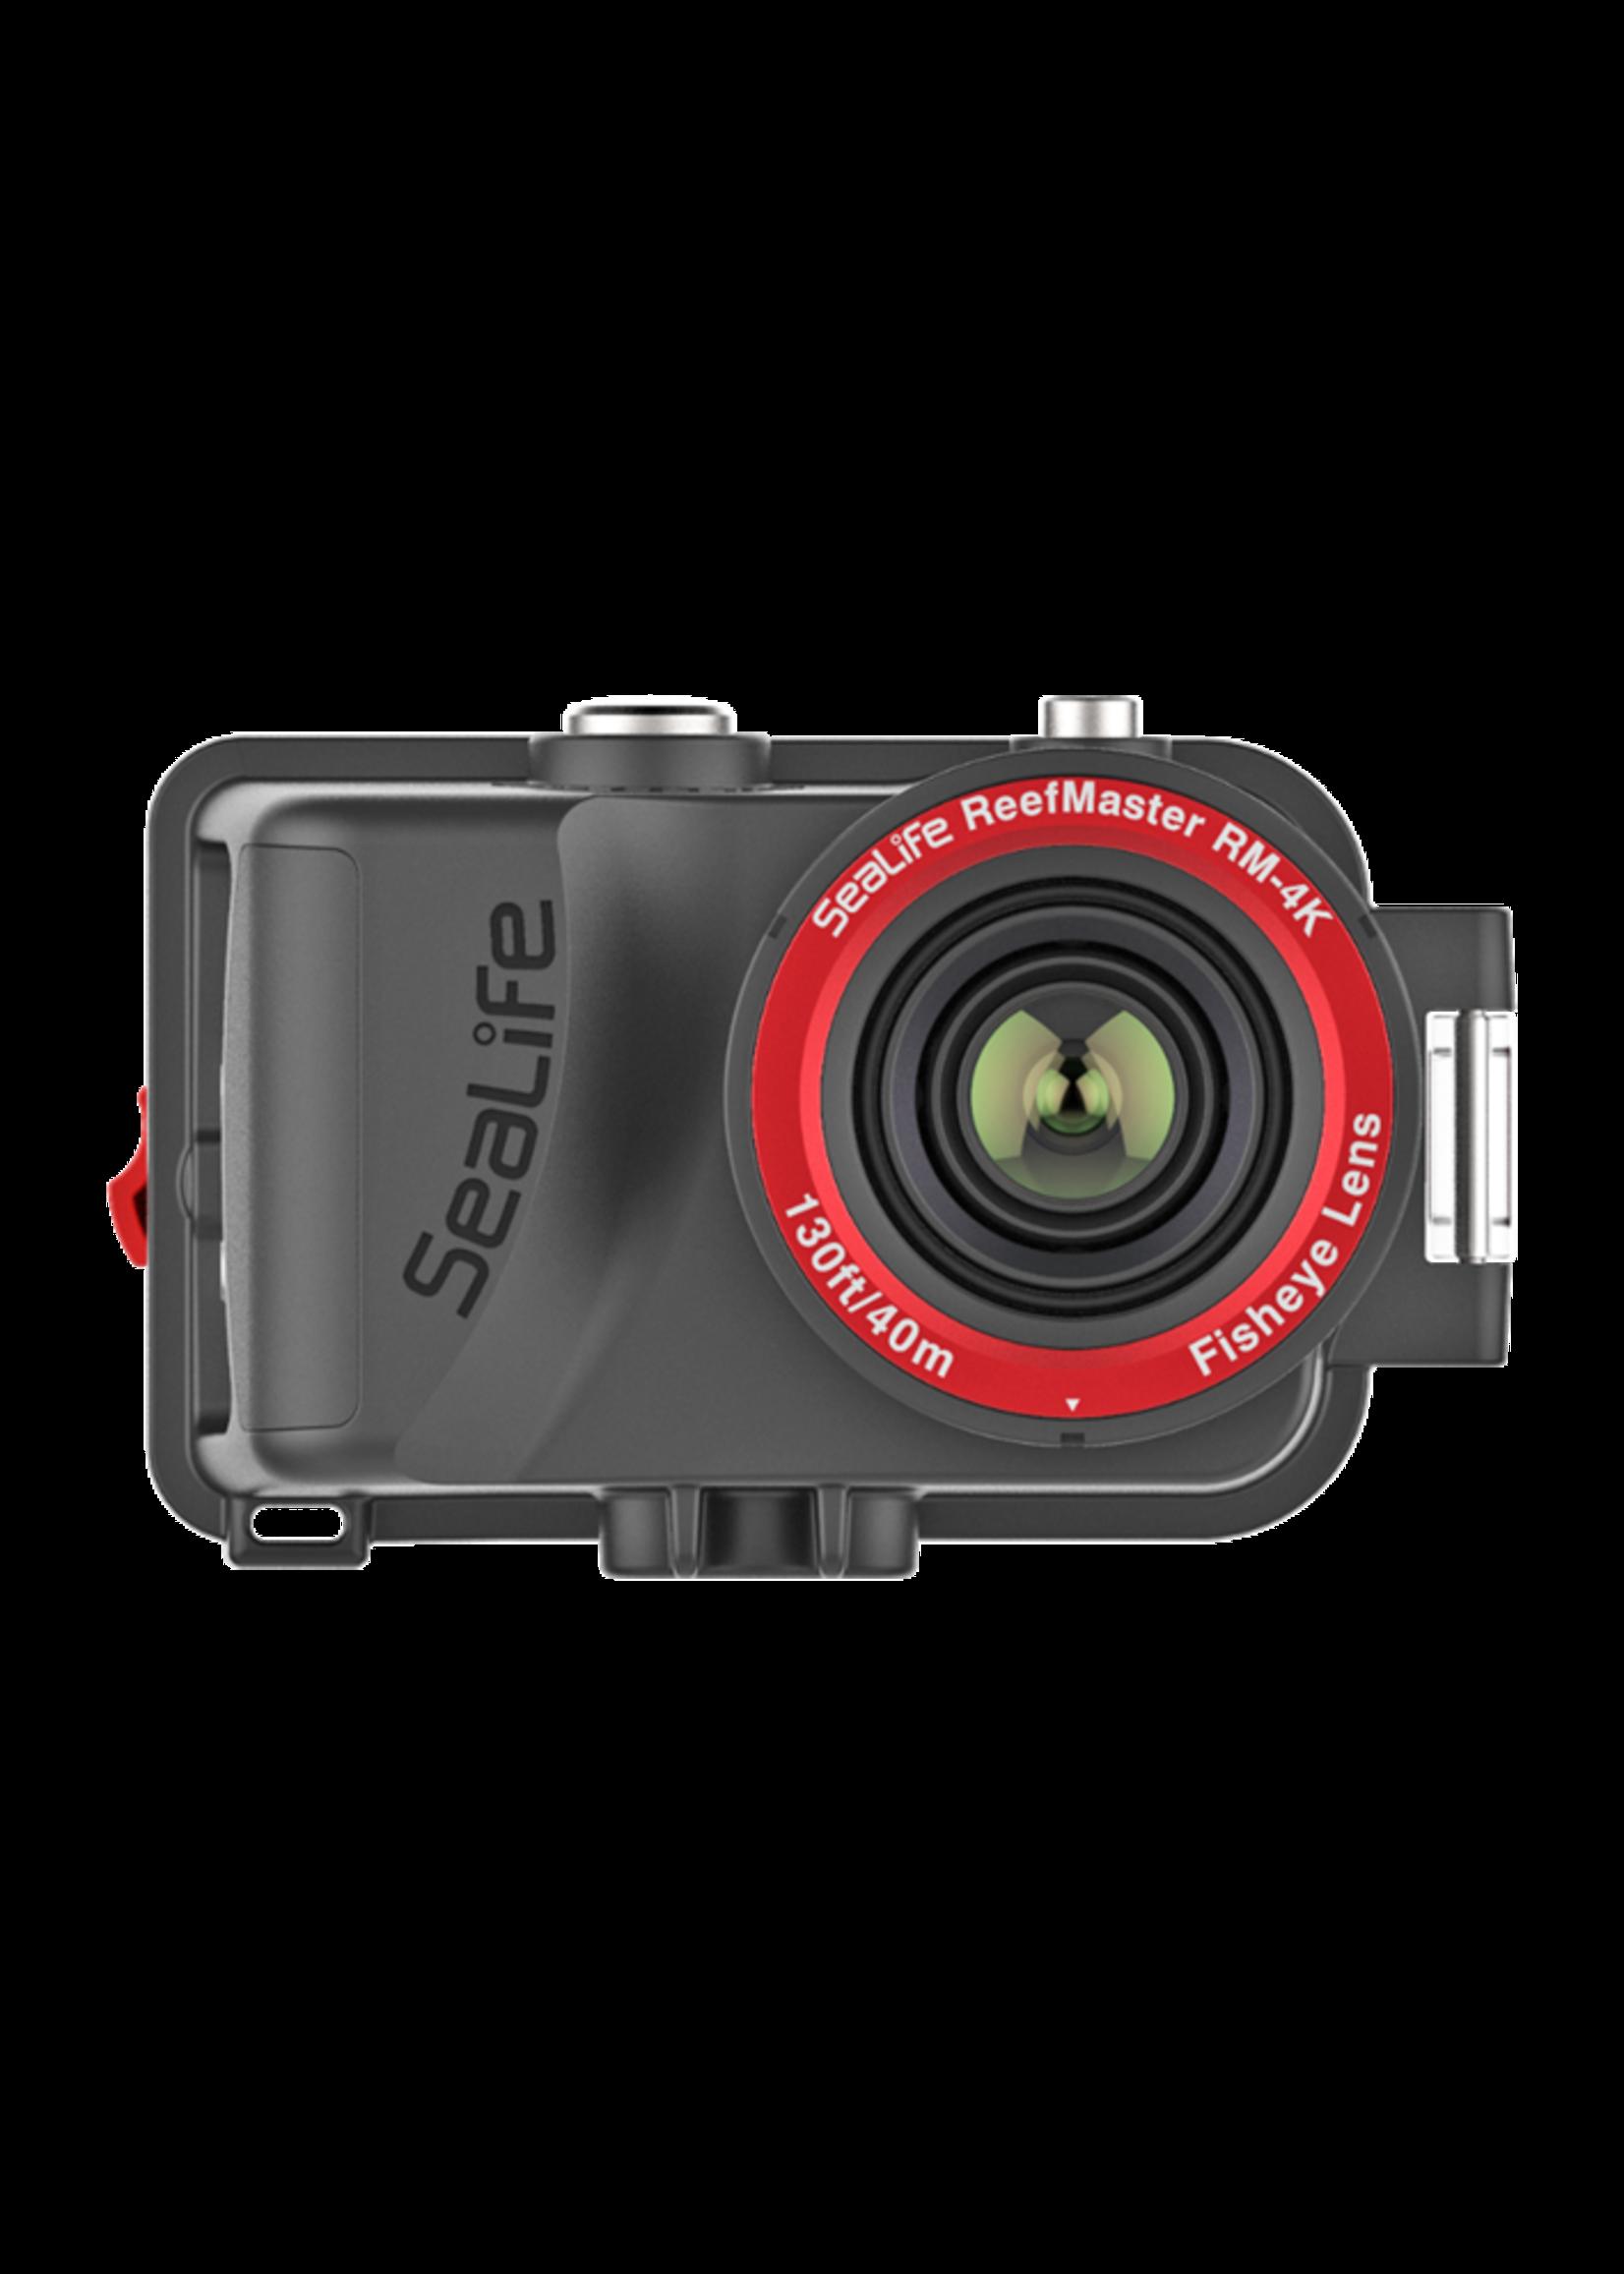 Sealife Reefmaster RM-4K Camera